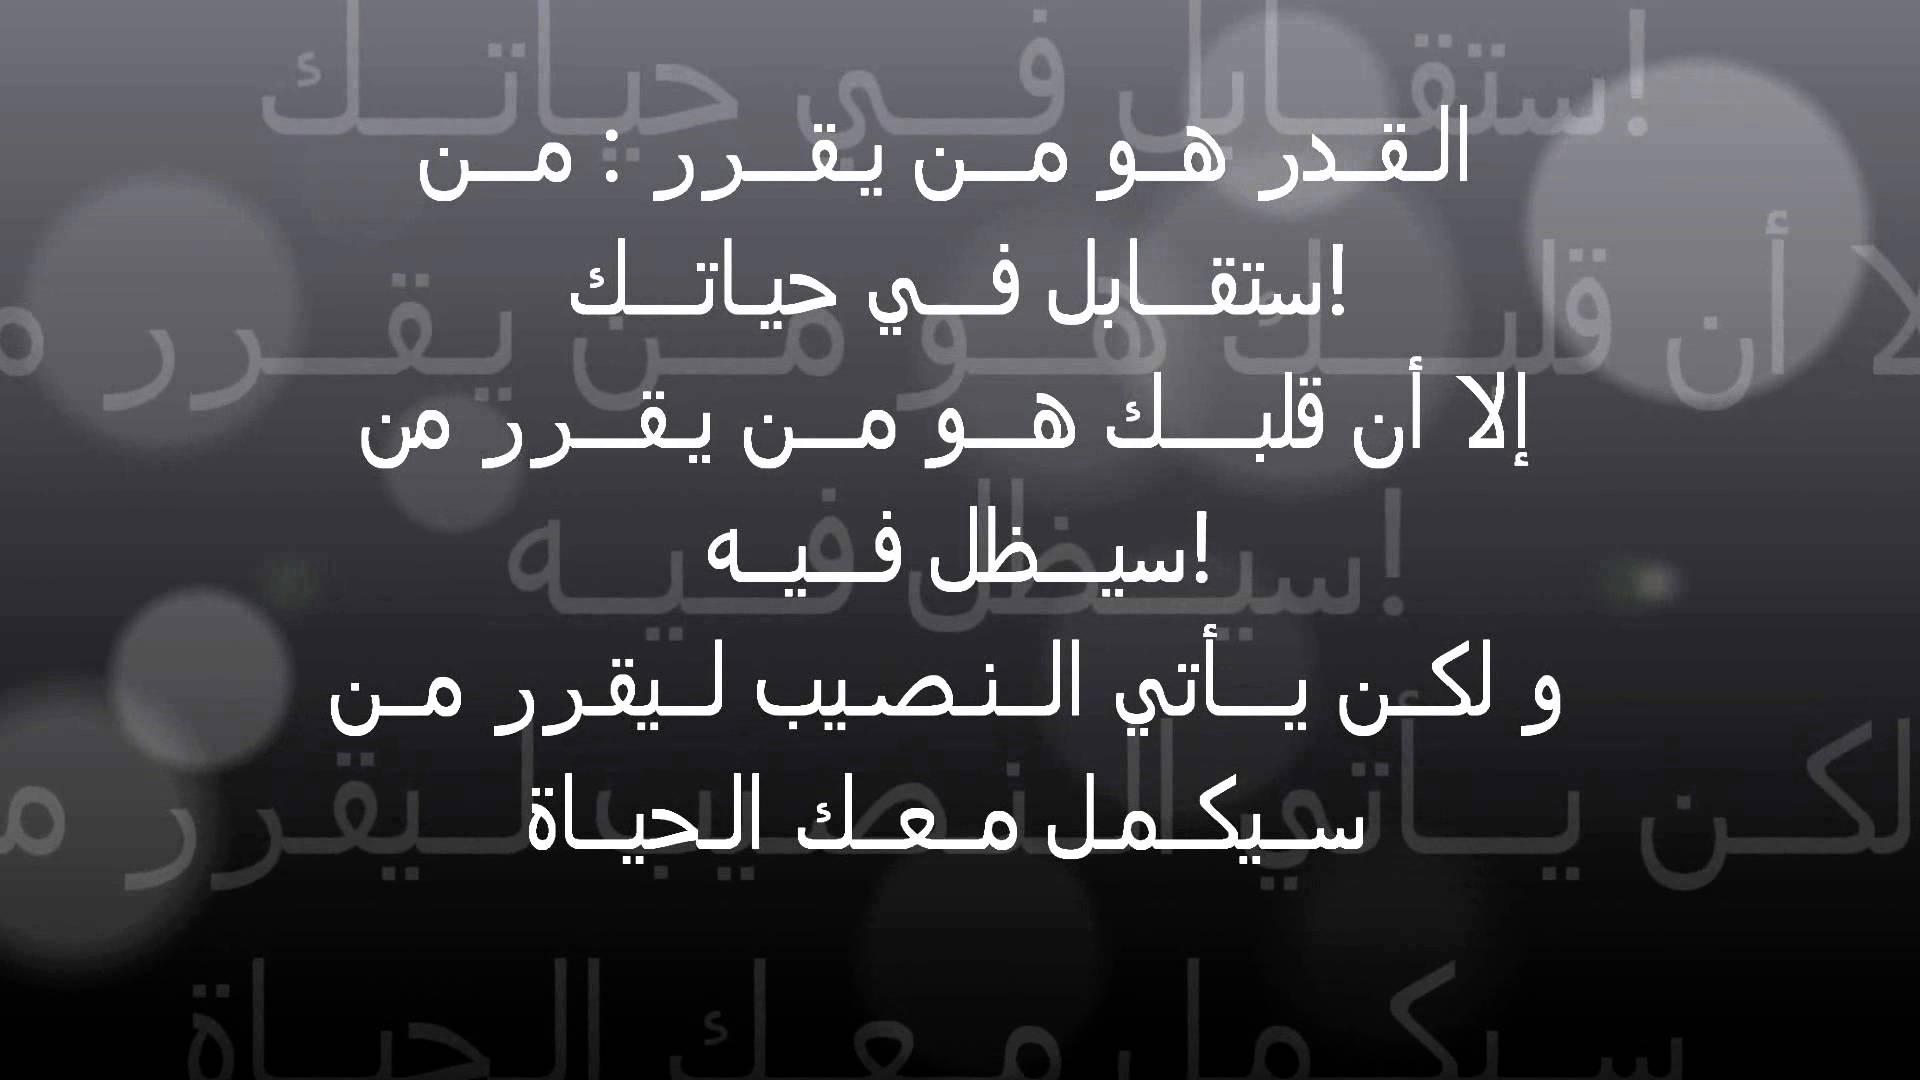 بالصور كلمات حزينه , كلمات تعبر عن الحزن فى قلبك 3239 7